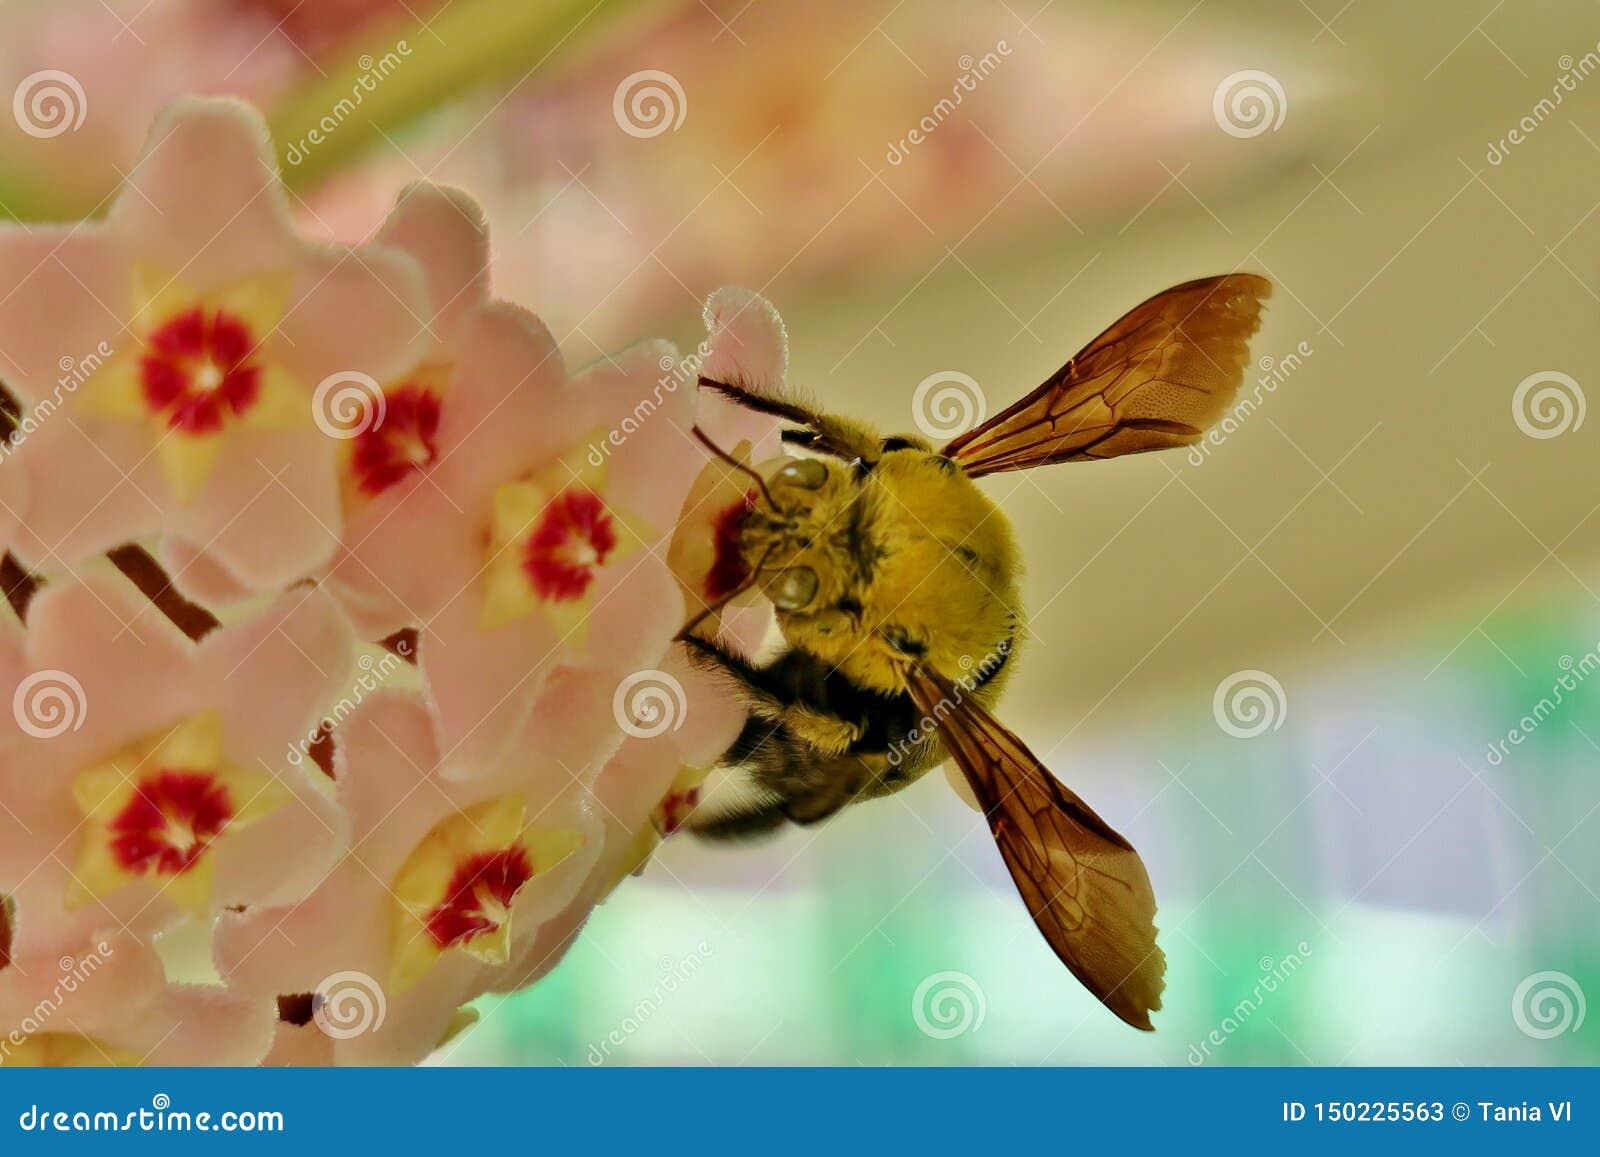 De gele hommel verzamelt stuifmeel van kleine roze bloemen